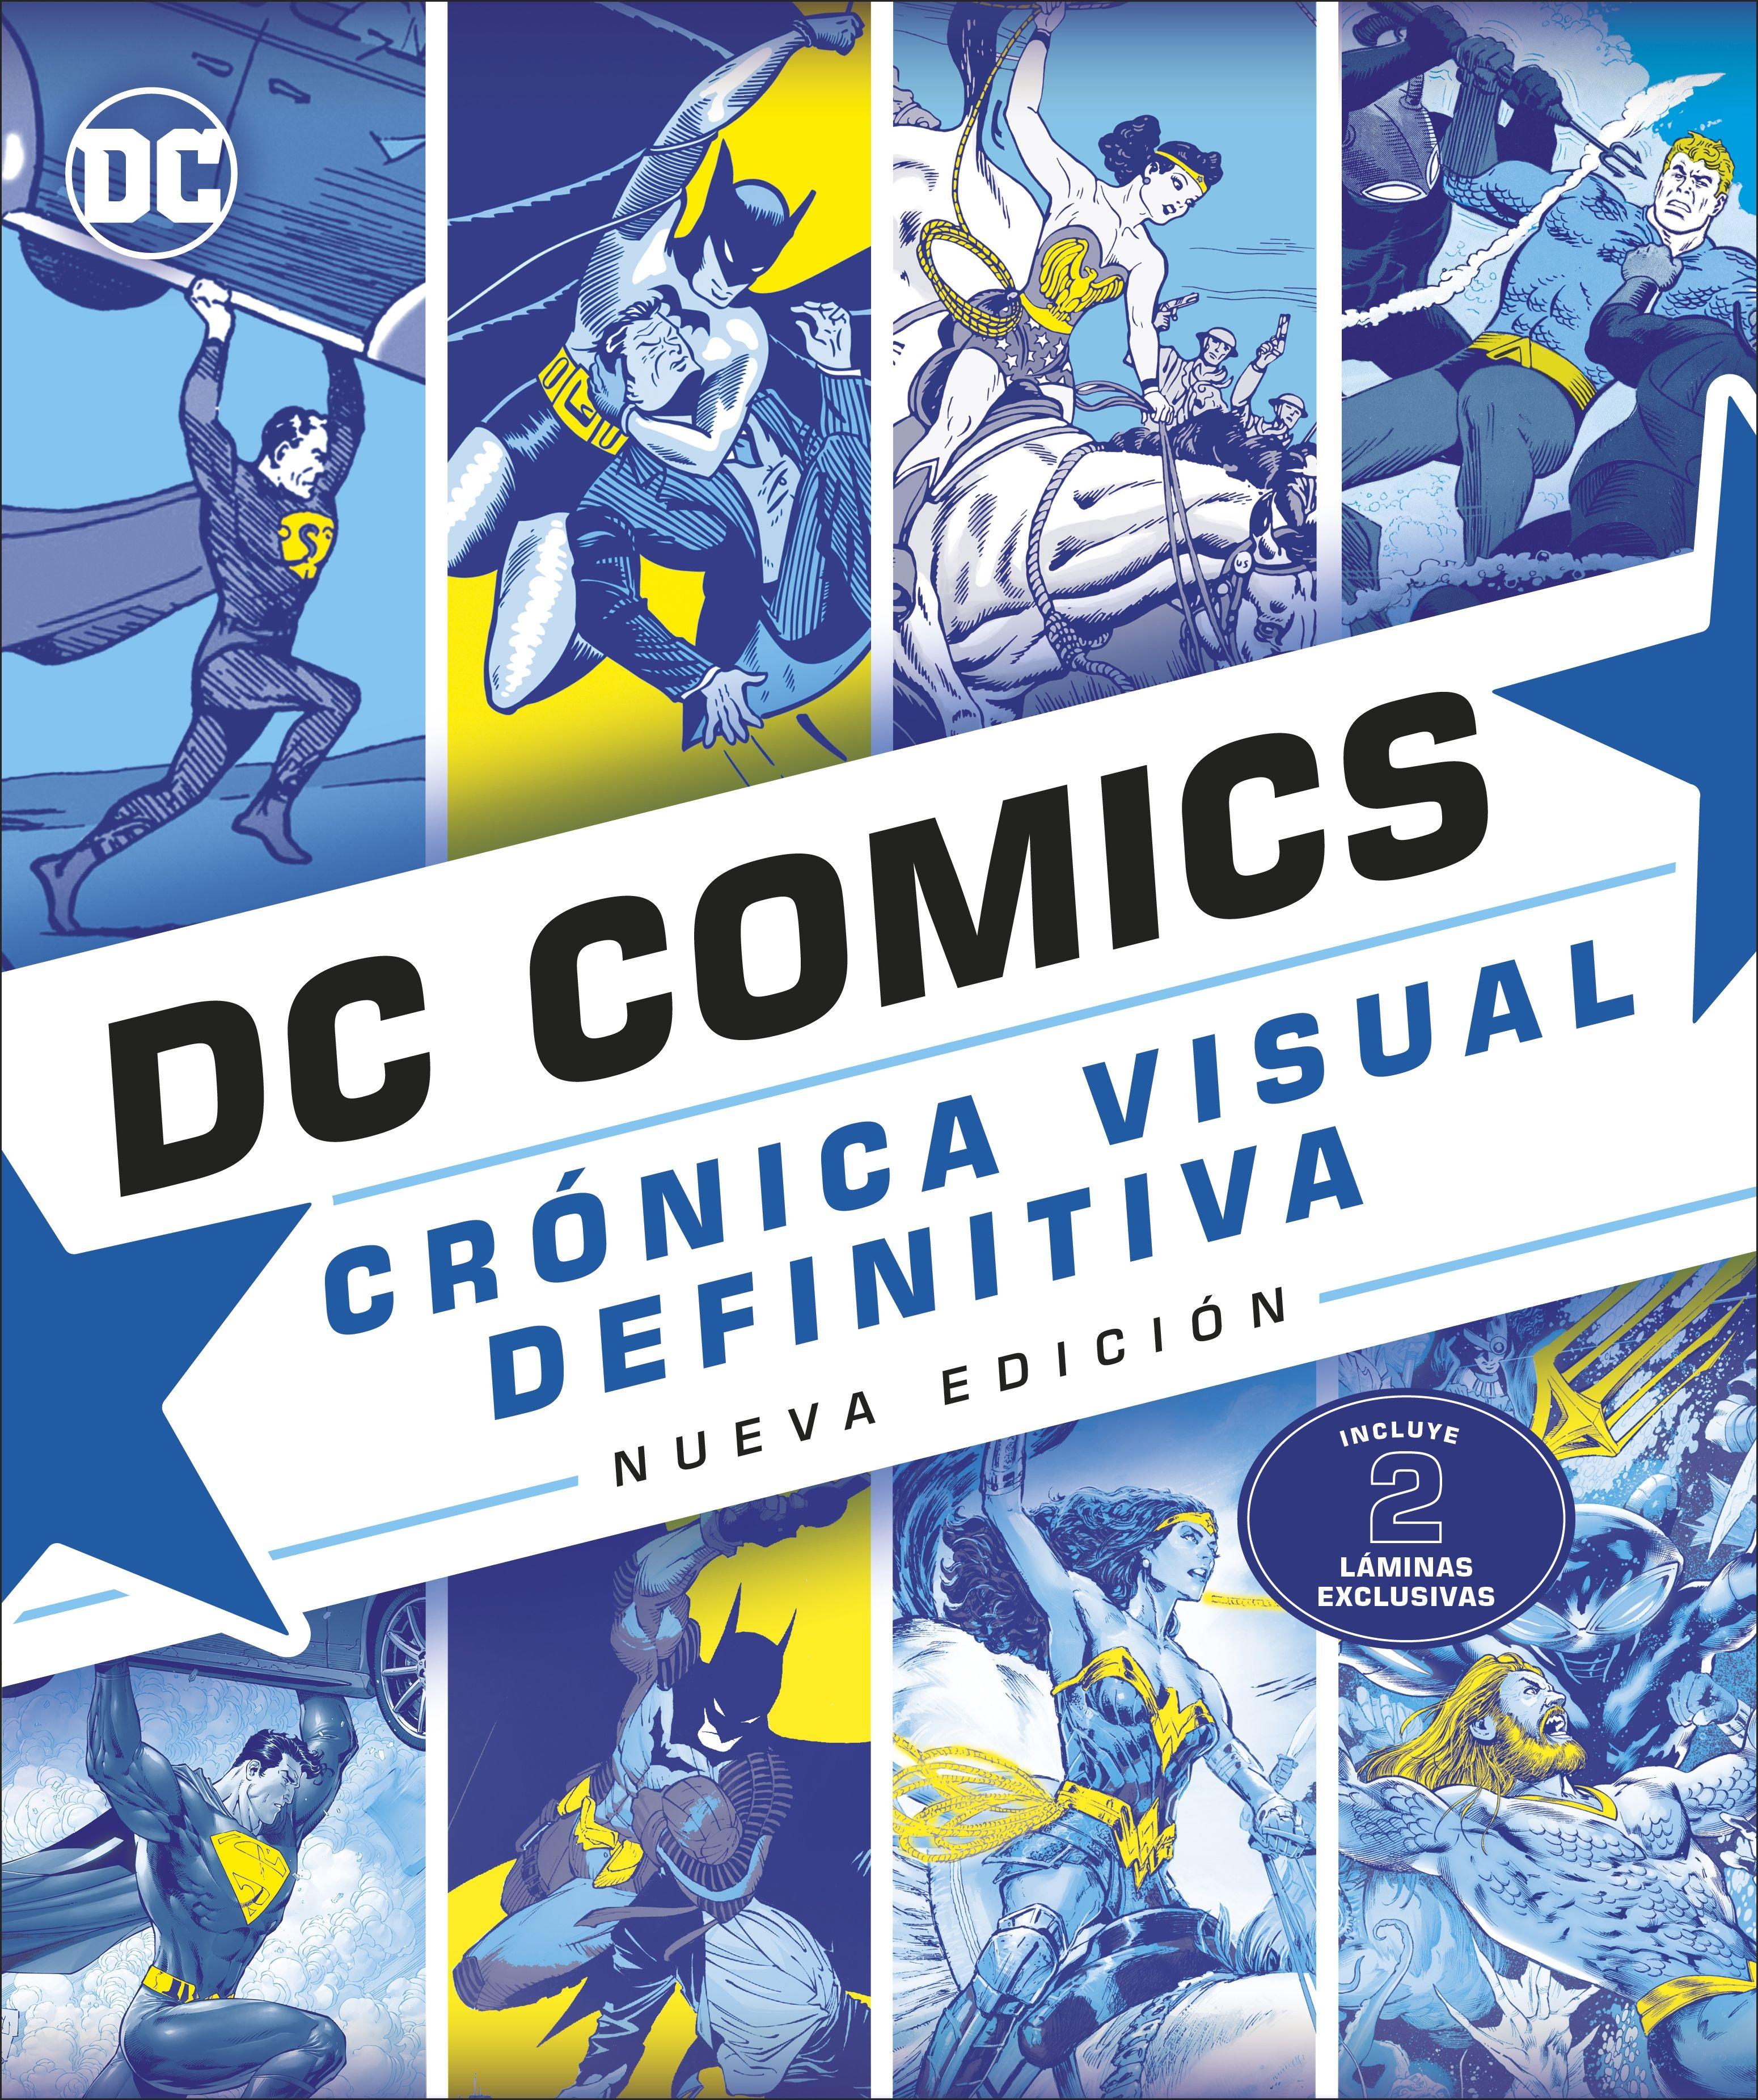 DC COMICS. CRÓNICA VISUAL DEFINITIVA (NUEVA EDICIÓN)